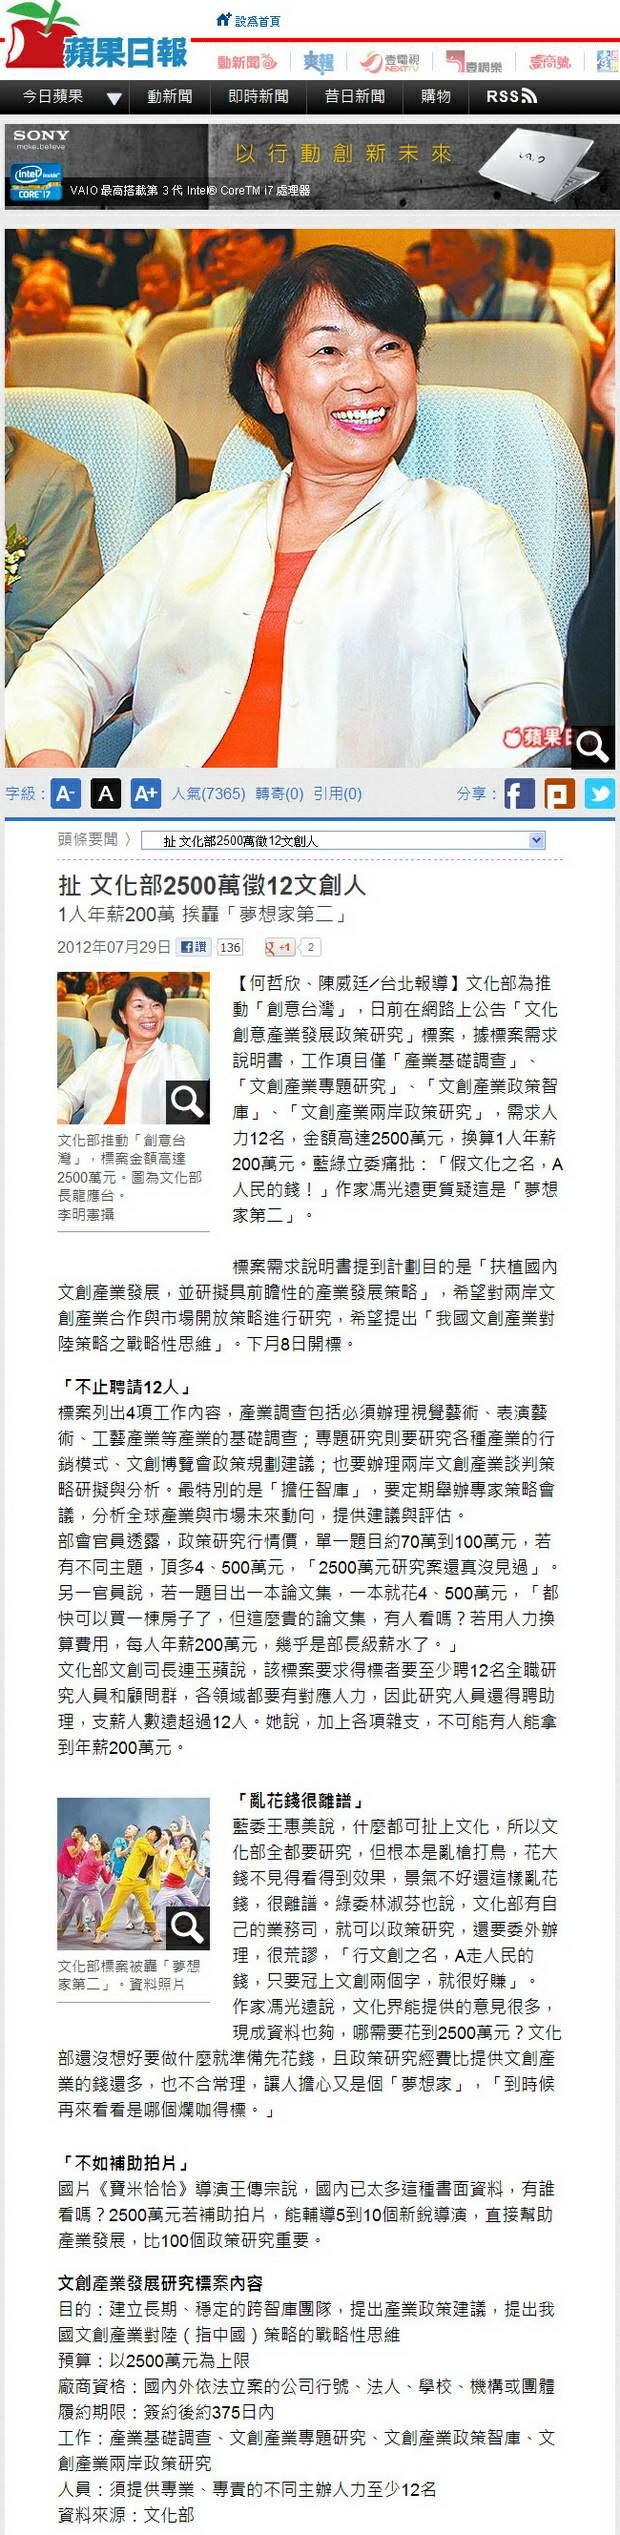 扯 文化部2500萬徵12文創人-2012.07.29